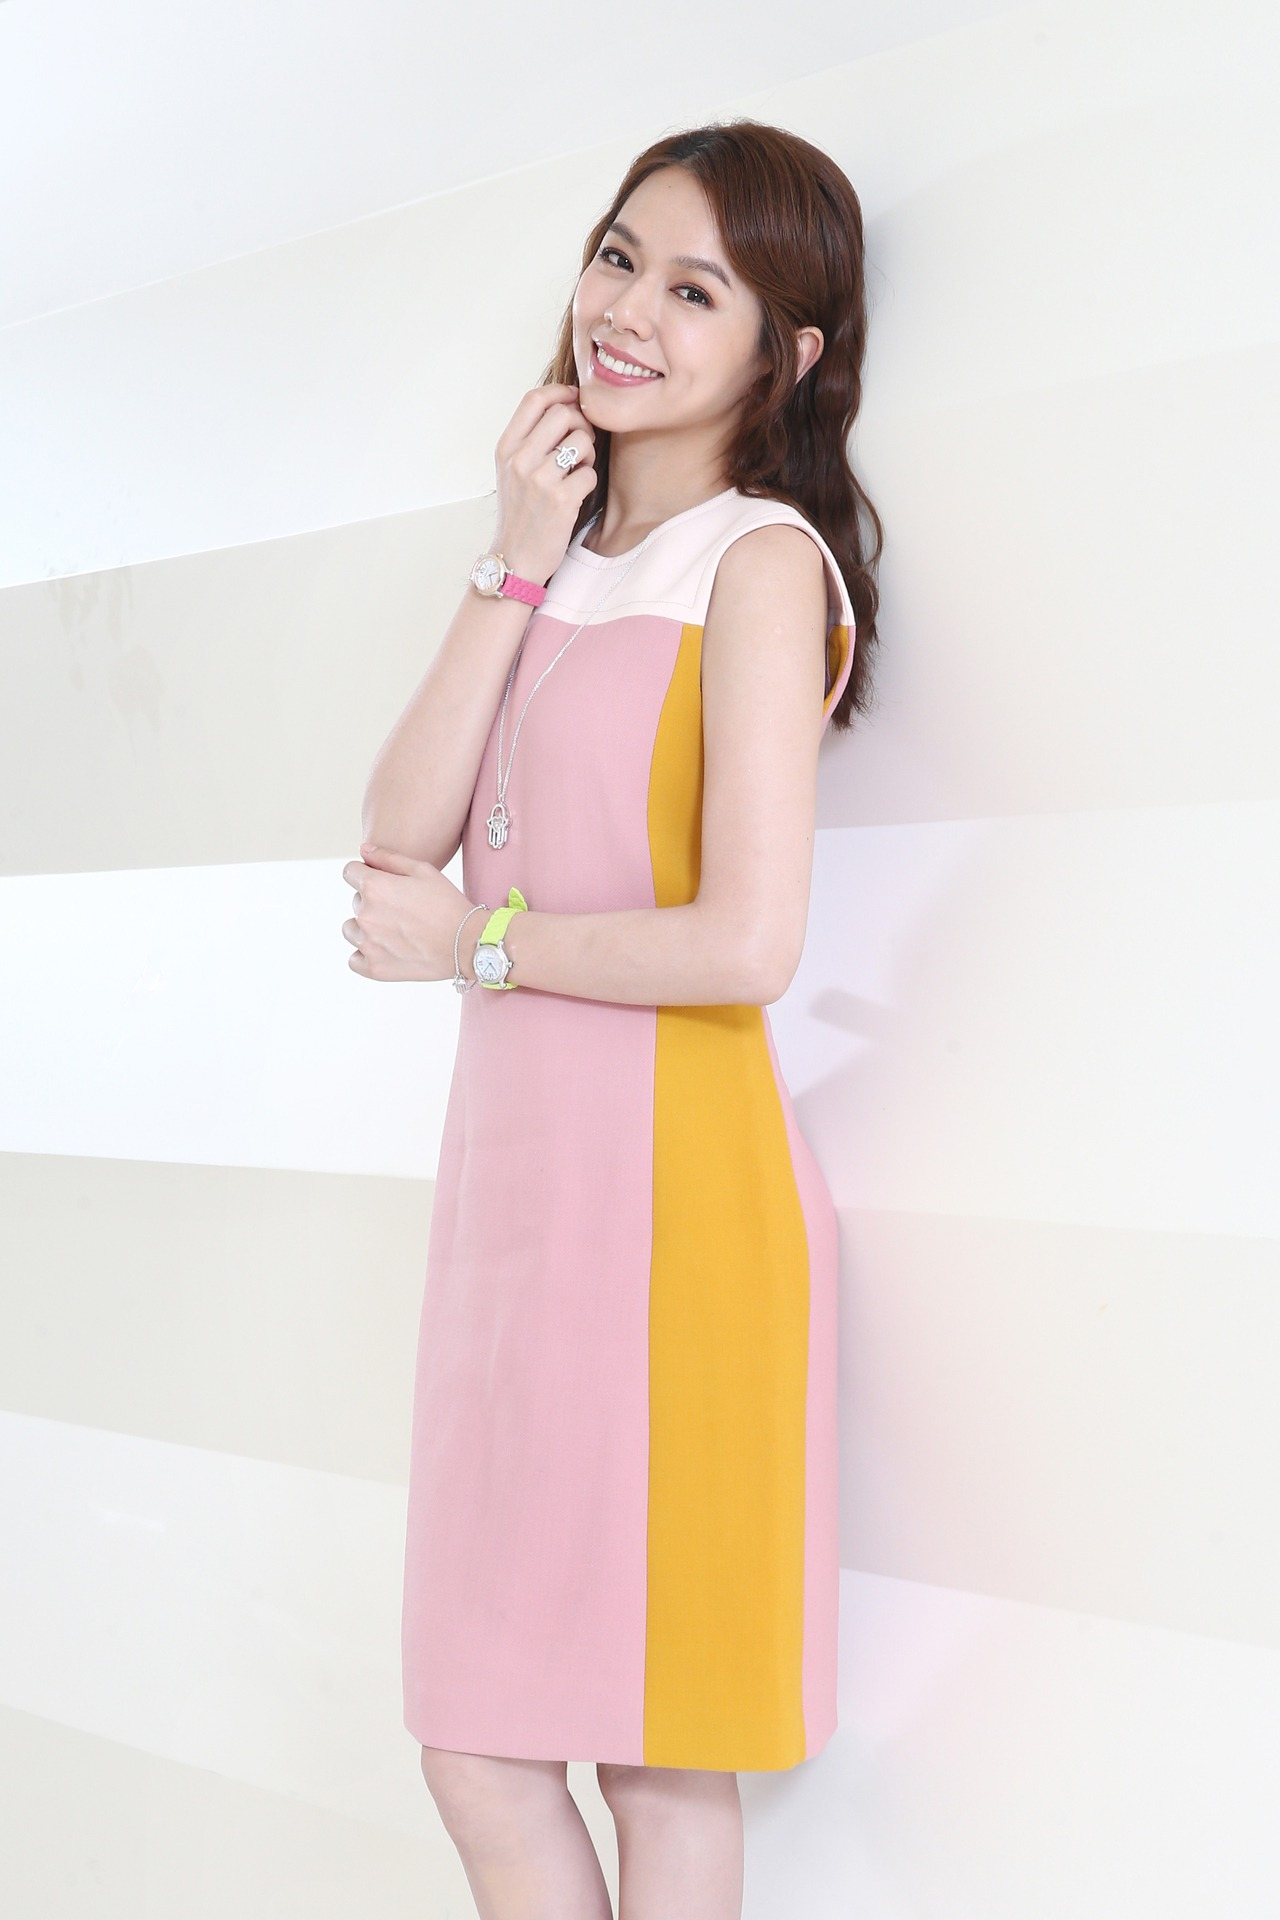 夏于喬穿Bottega Veneta彩色拼接洋裝,配戴蕭邦Happy Sport彩色腕表、 Happy Diamonds系列「Good Luck Charm」傳遞幸運永恆之溫暖手護珠寶。